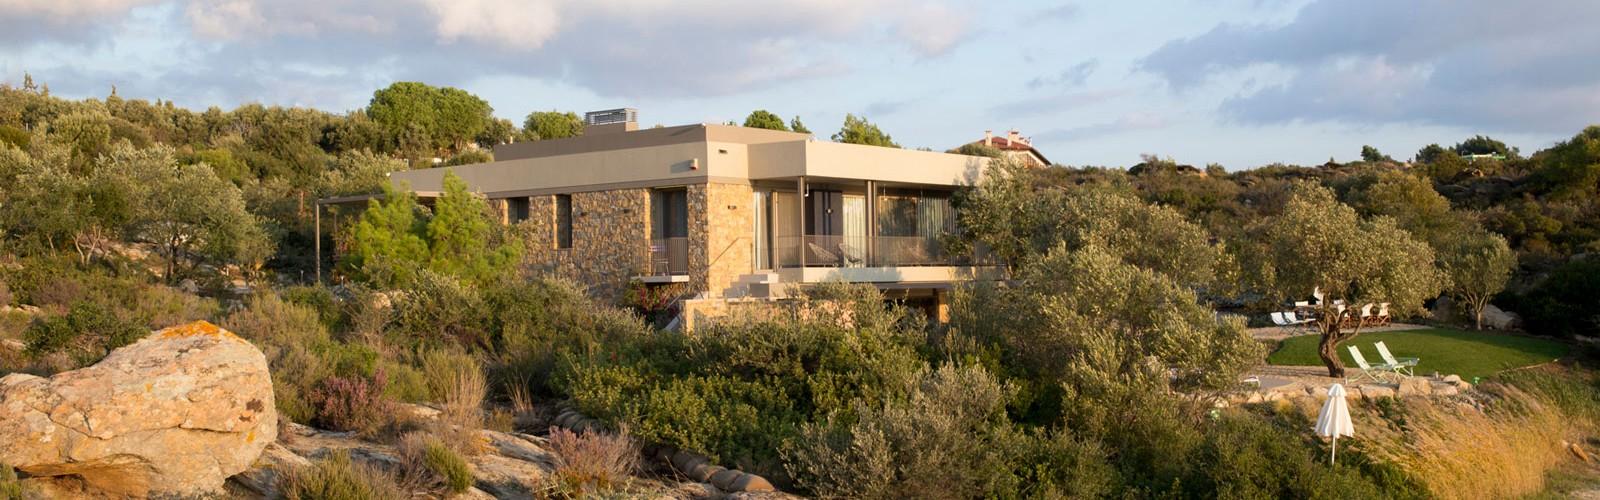 costa-lagonissi-the-villa-(1)